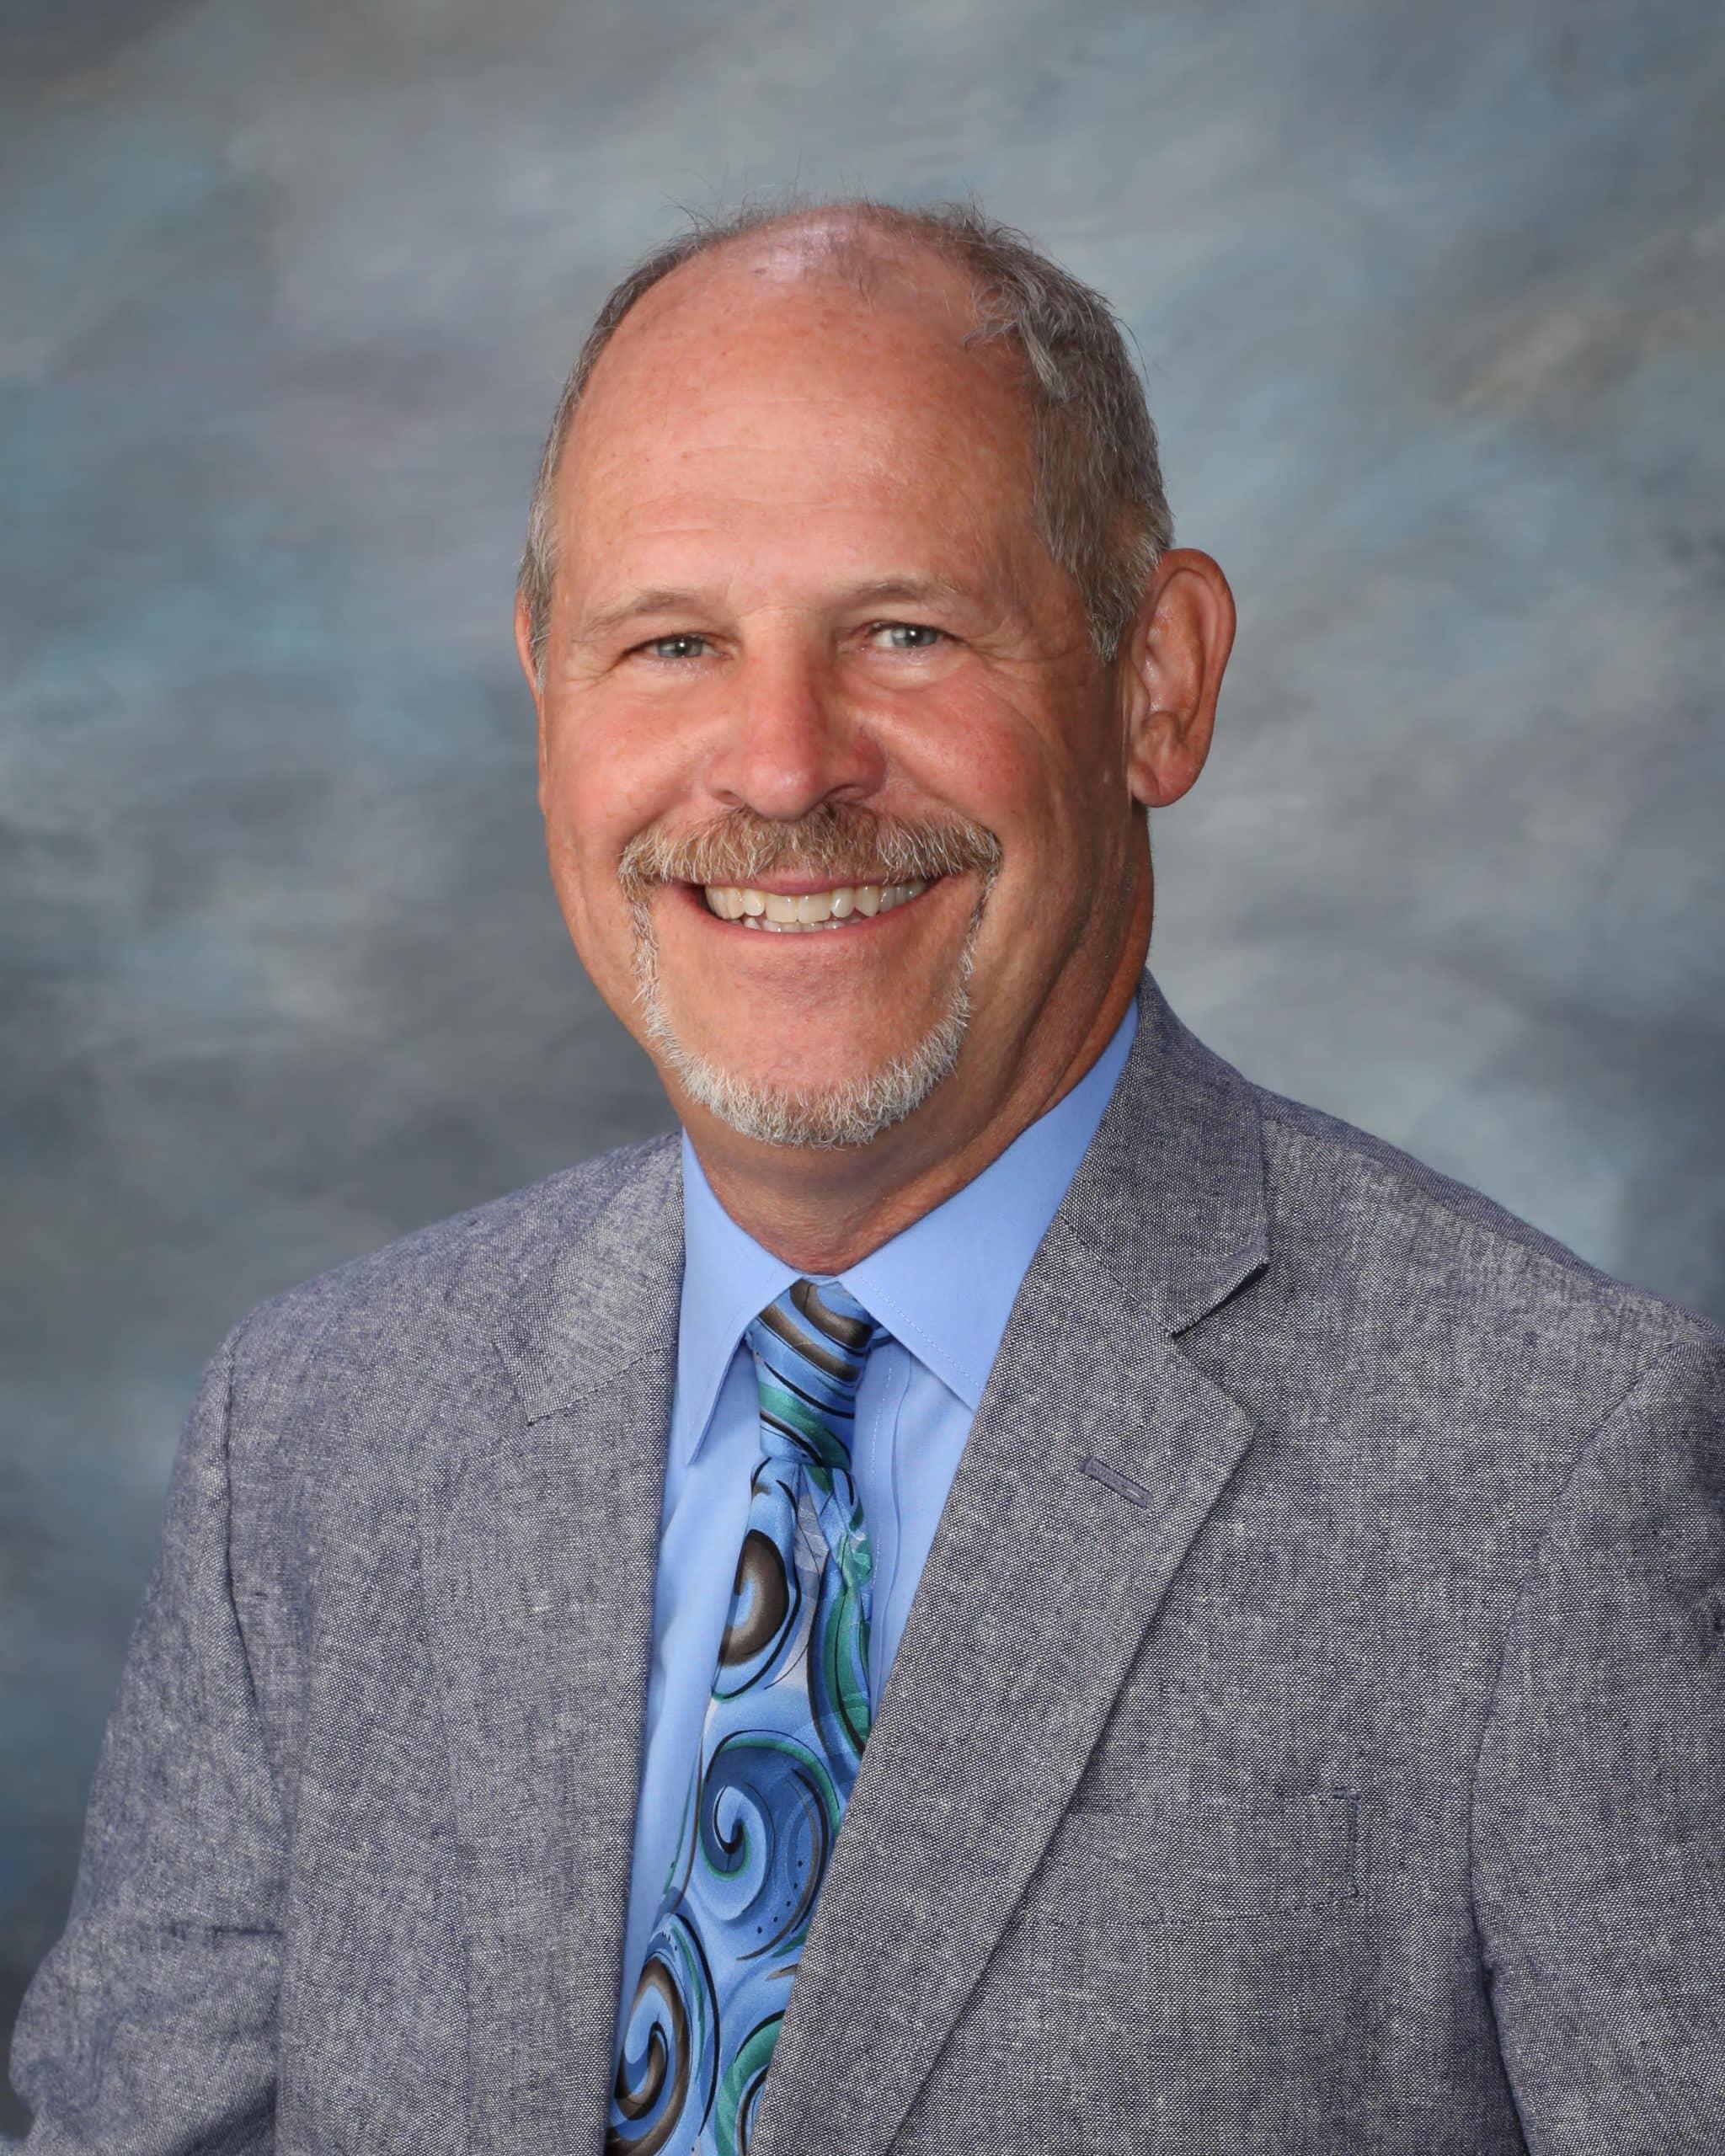 Steve Campana